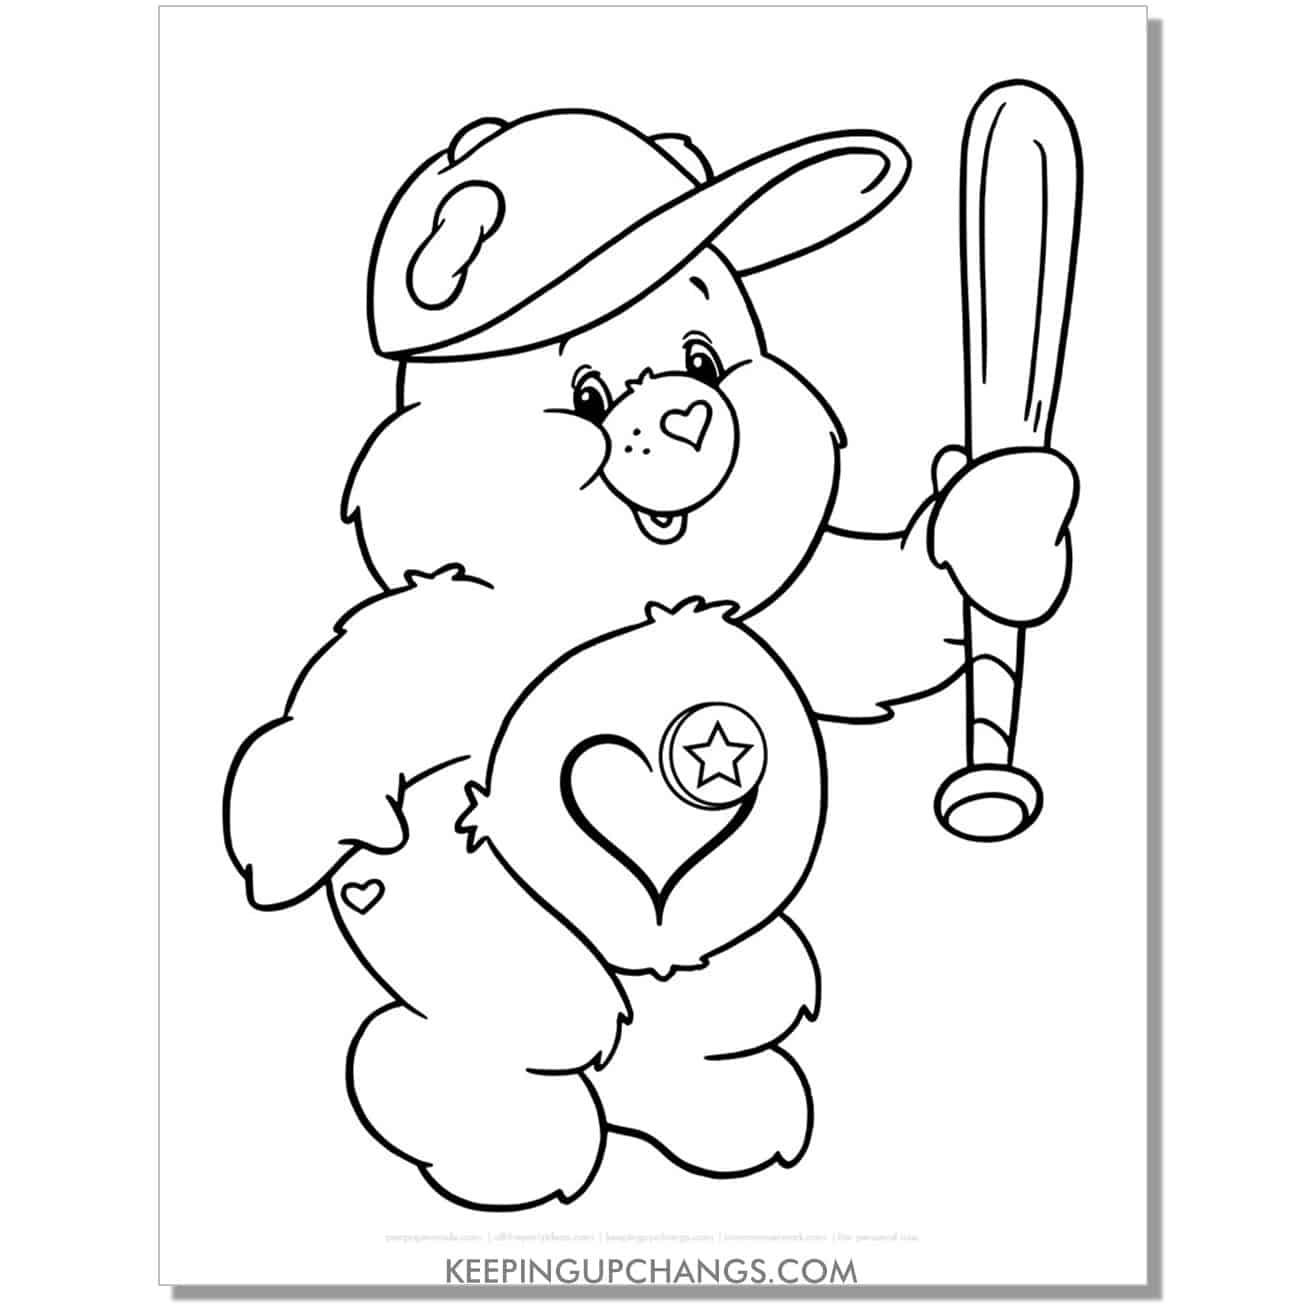 play a lot care bear playing baseball bat coloring page.